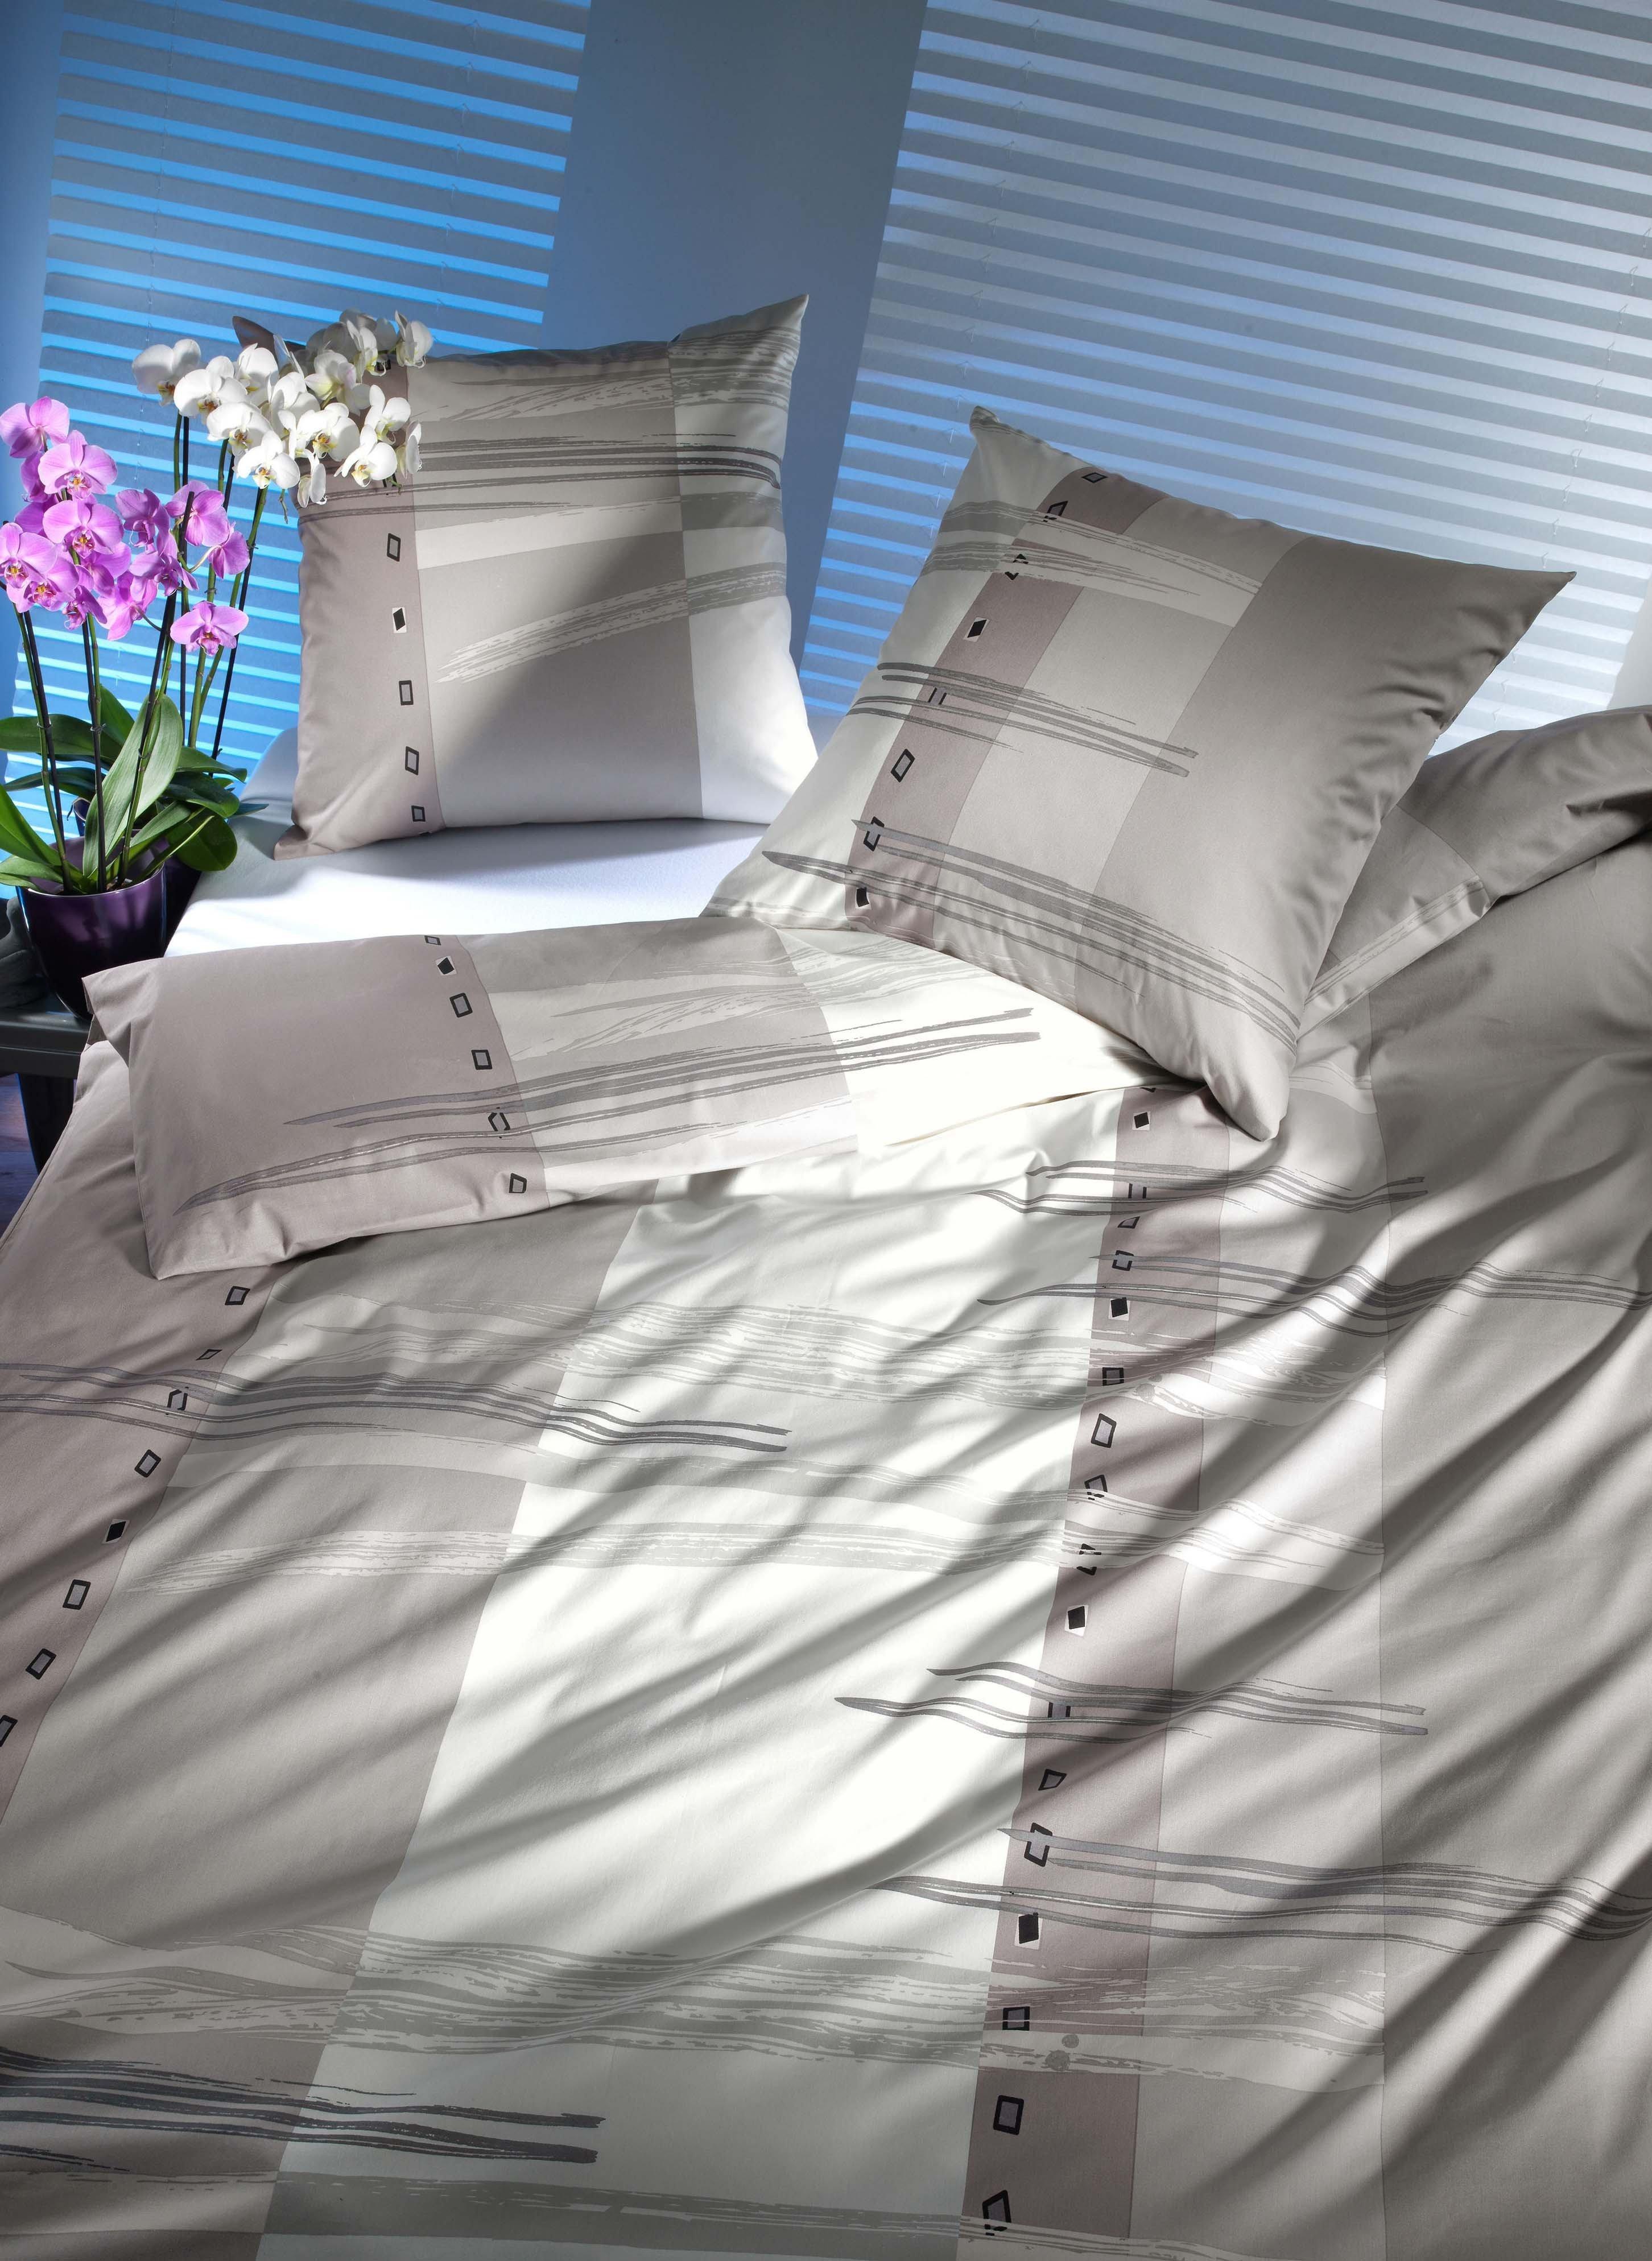 Biancheria da letto in fibra di bamb rene - Biancheria da letto moderna ...